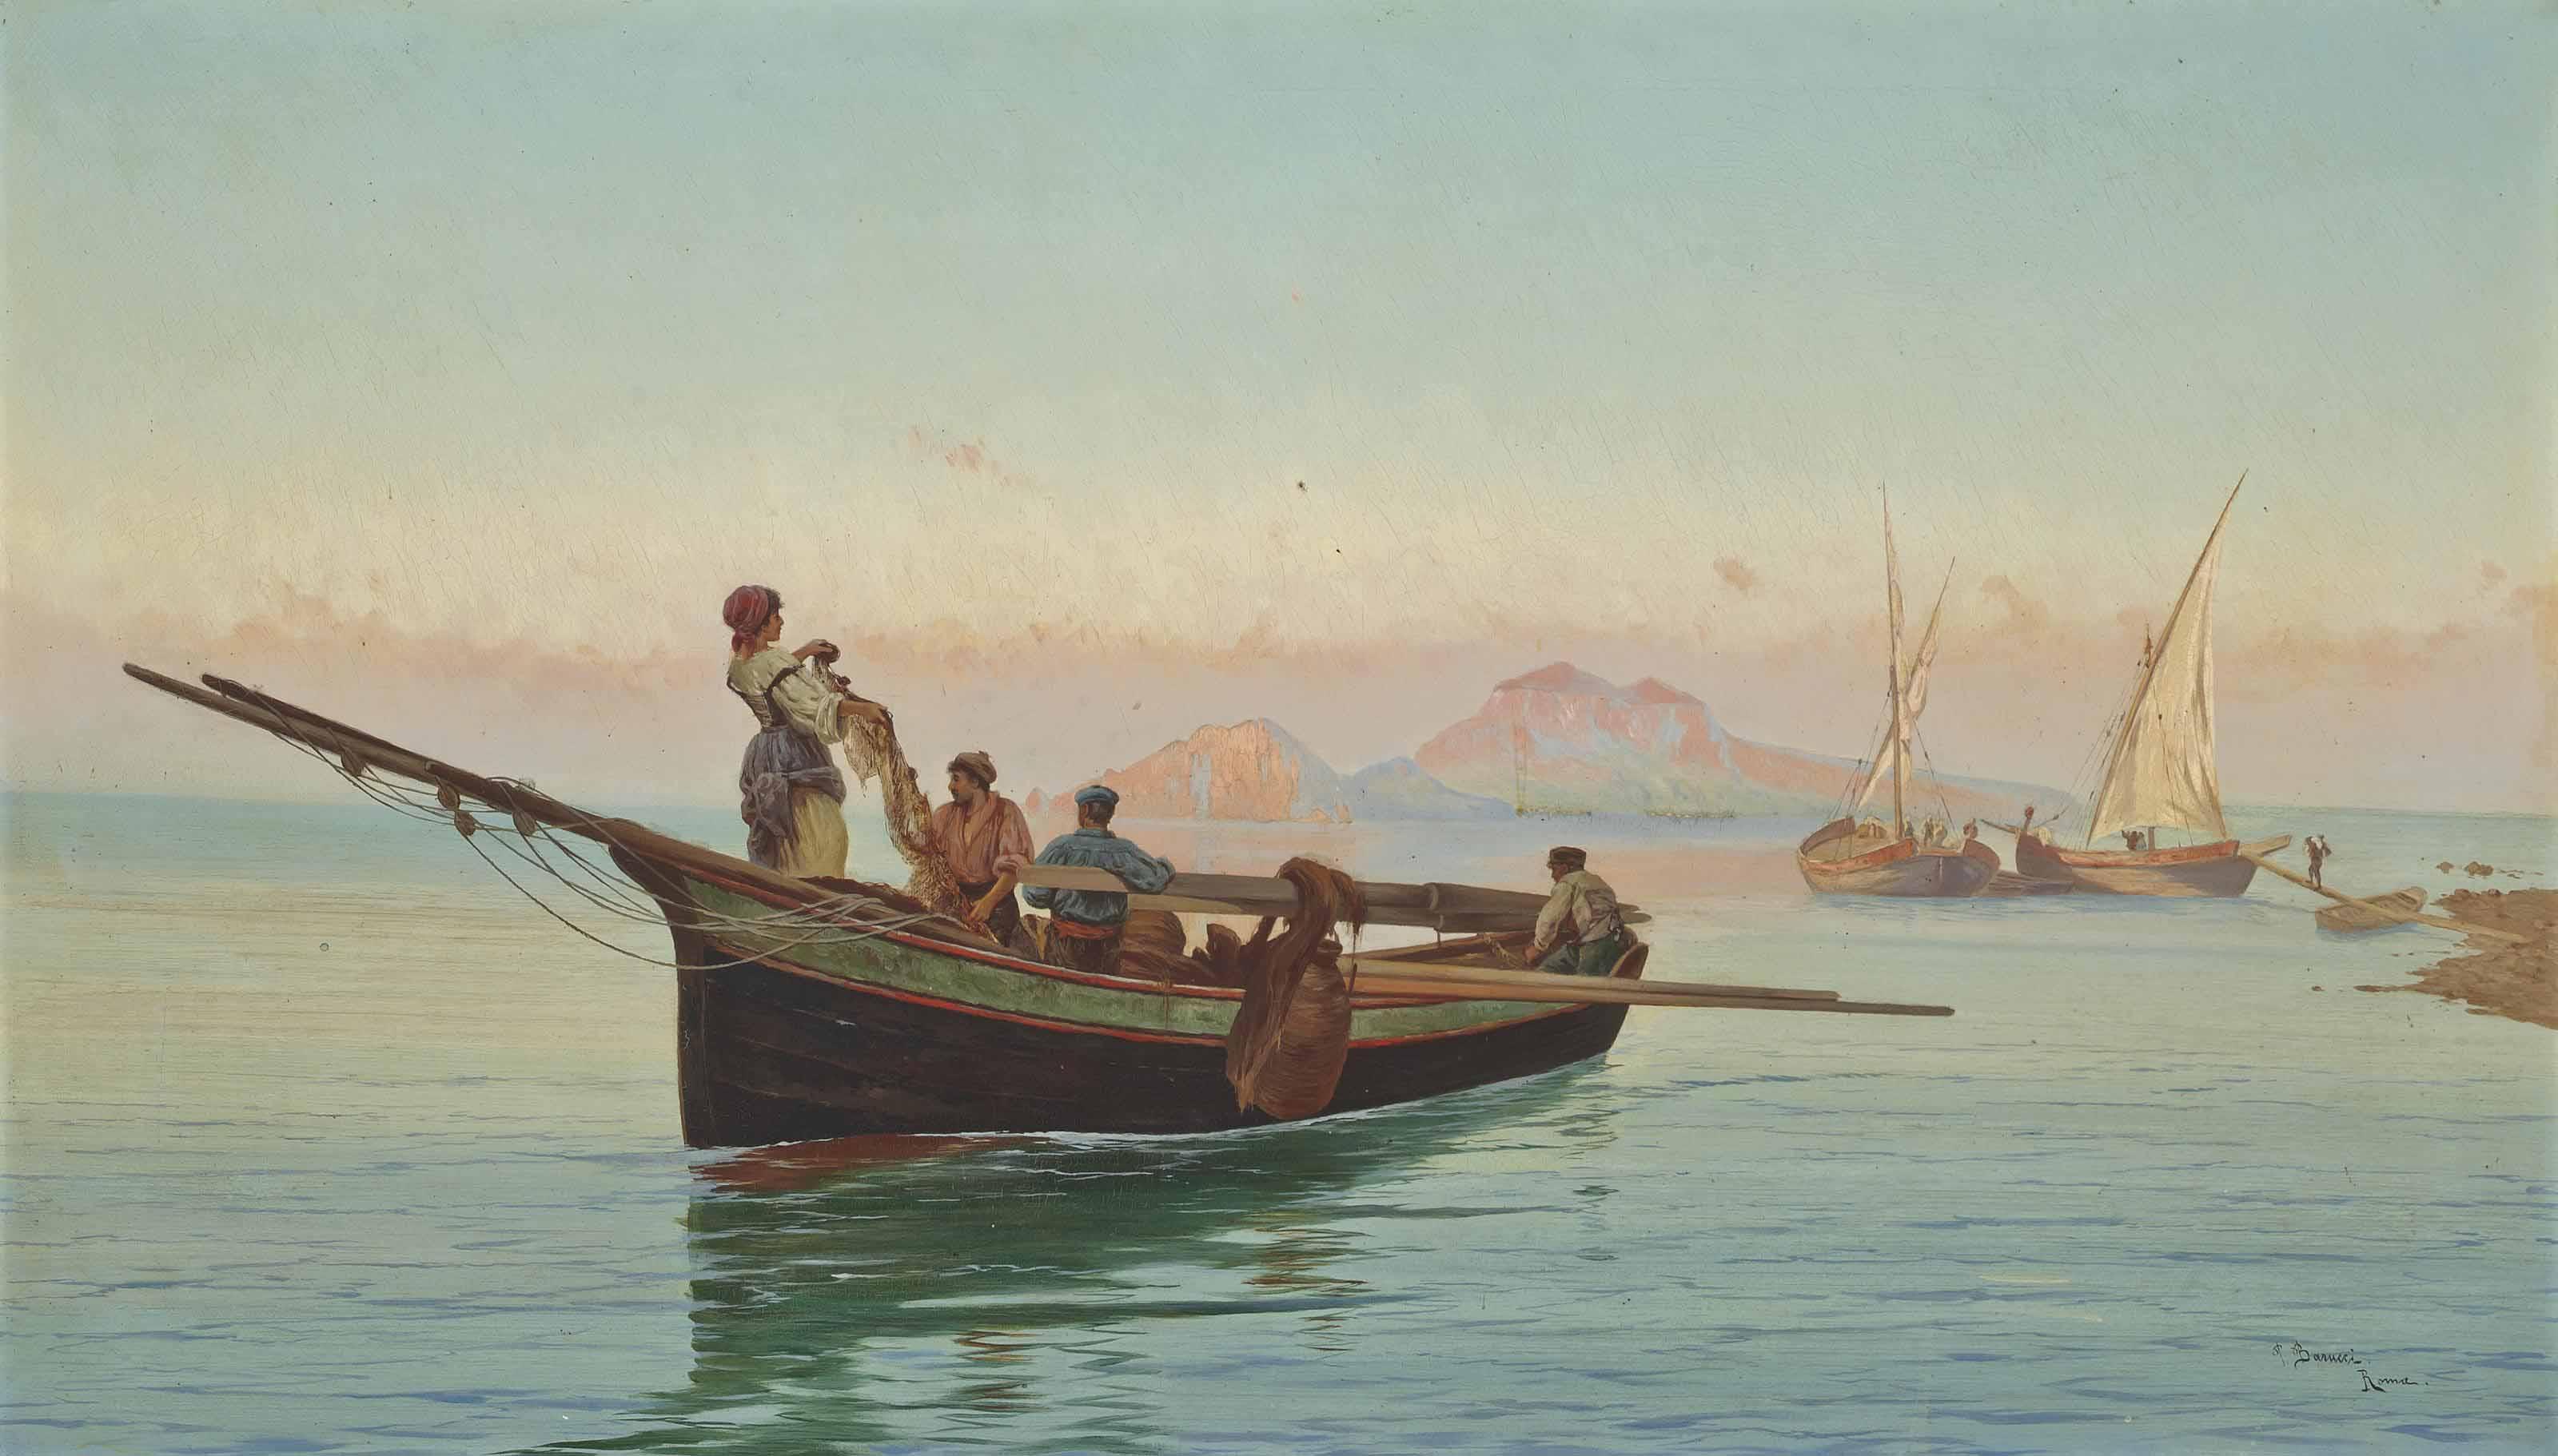 Pietro Barucci (ITALIAN, 1845-